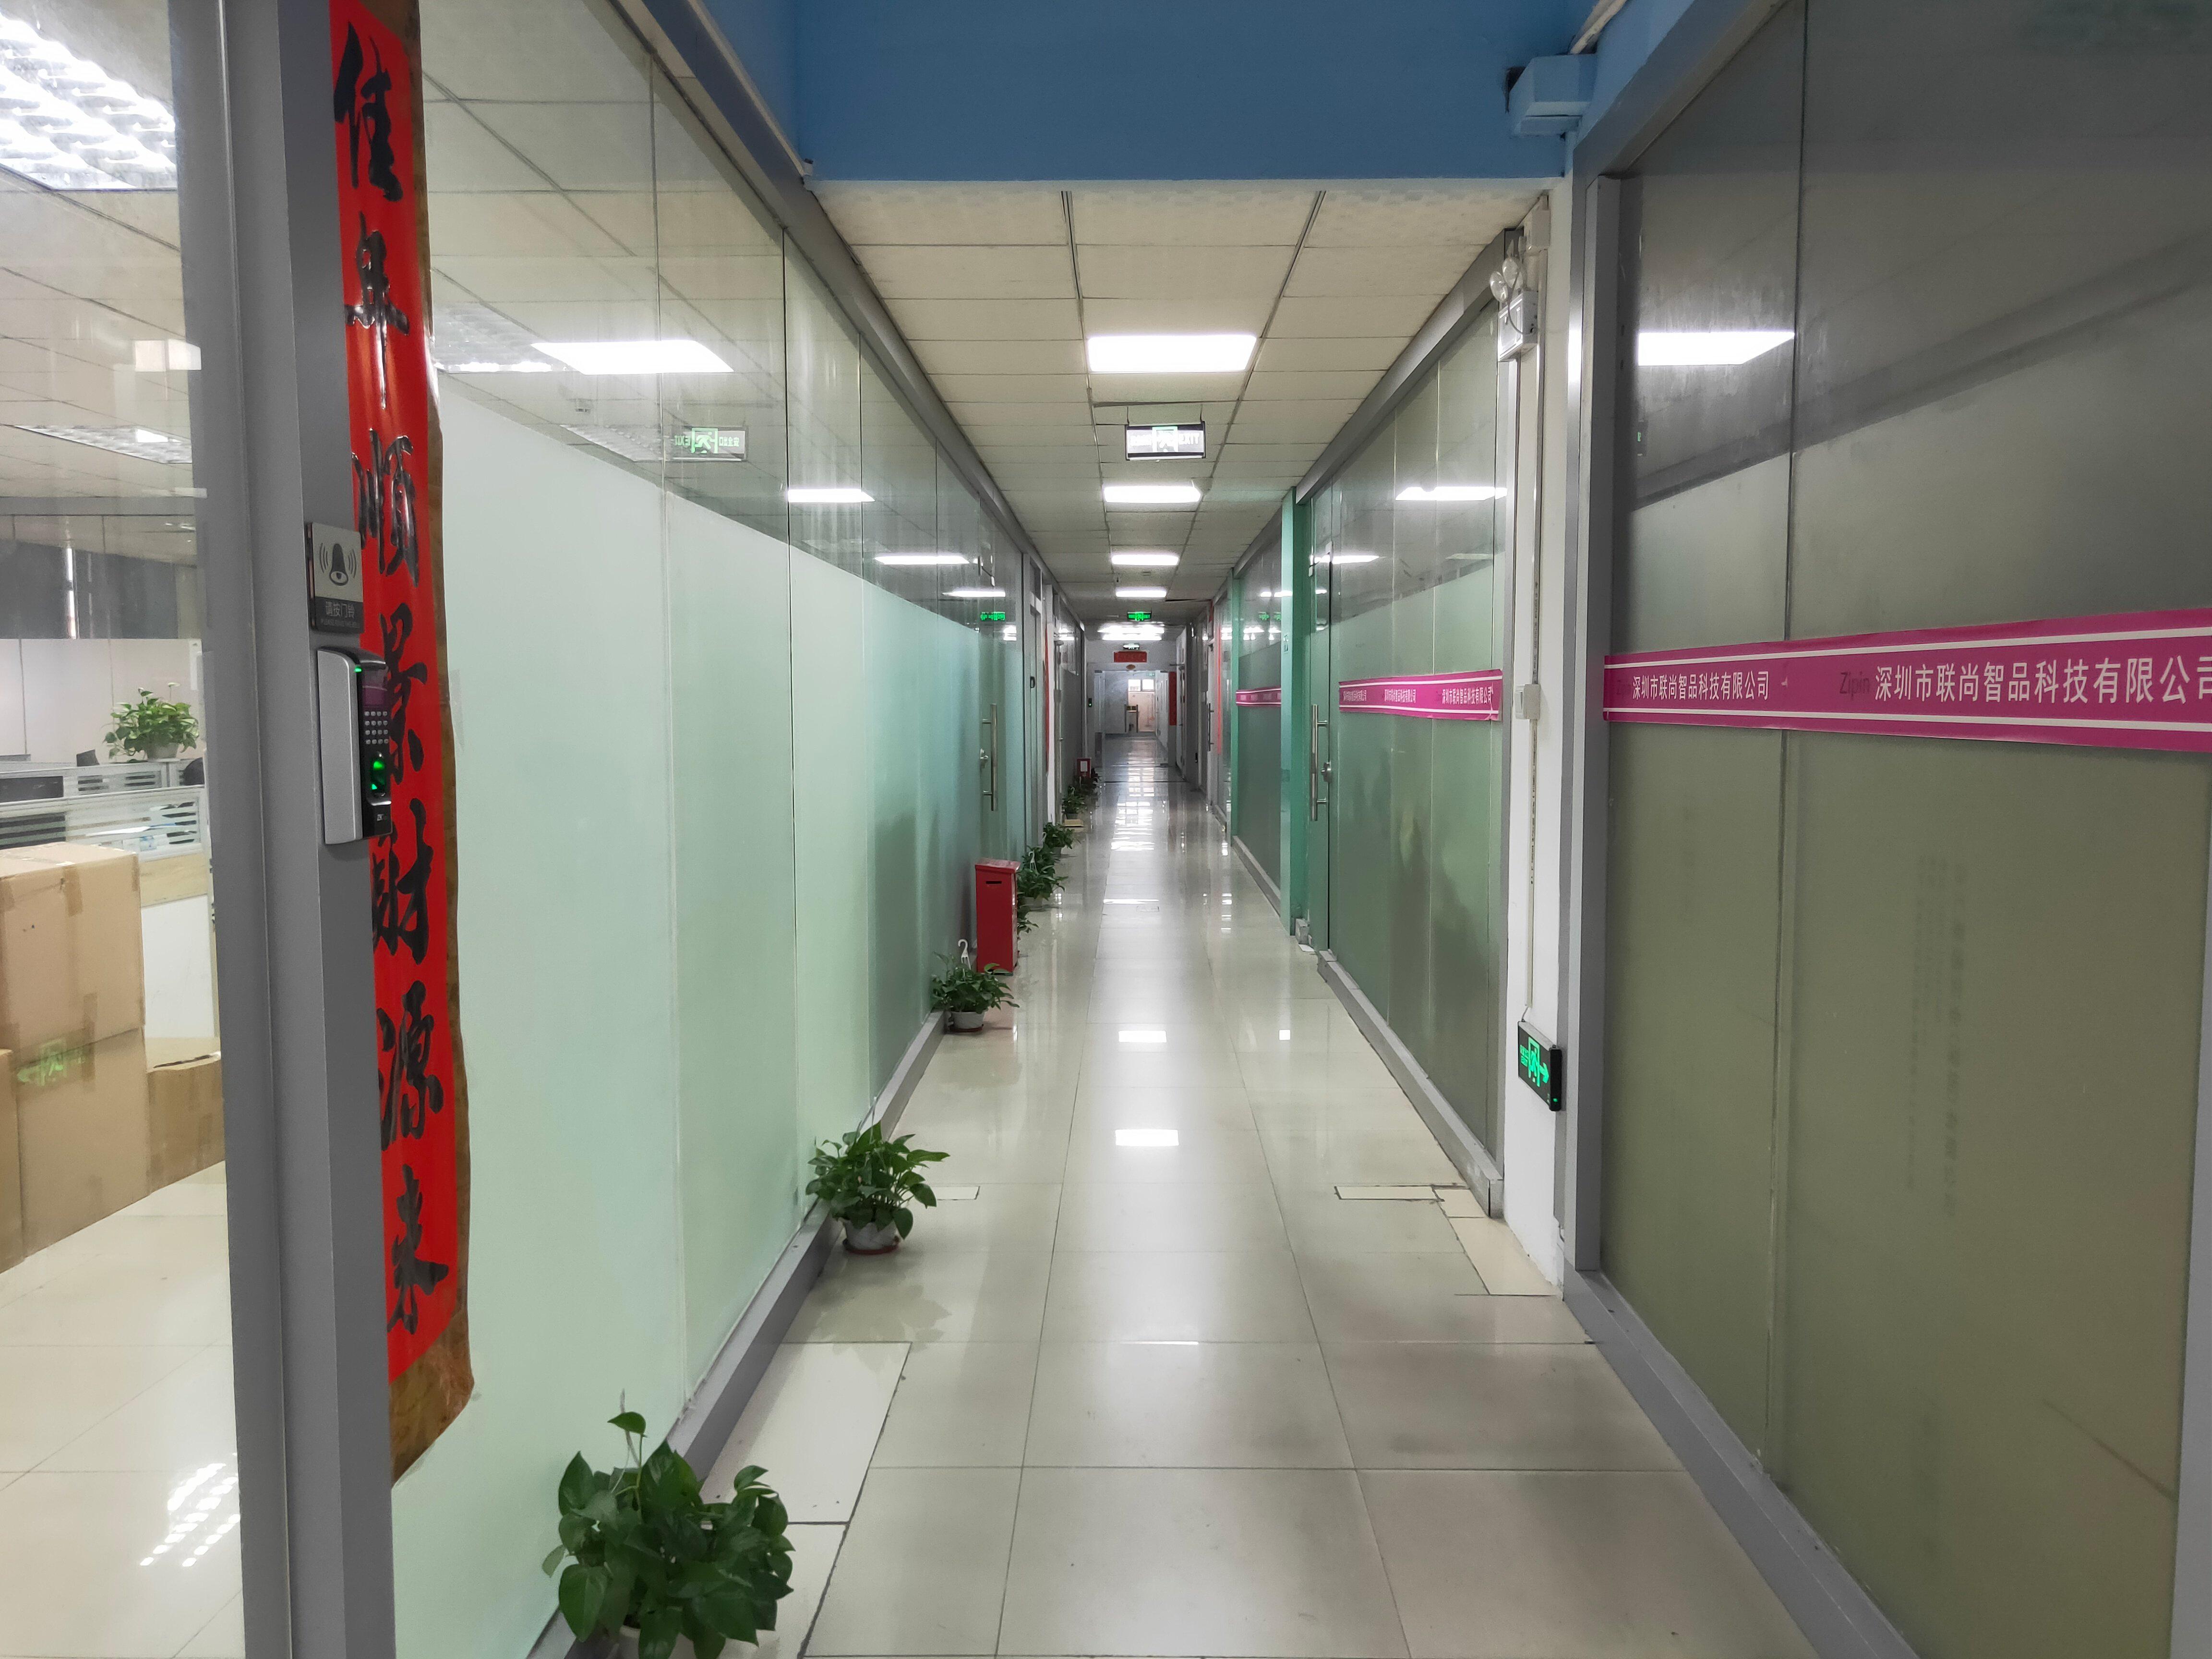 西乡桃源居附近楼上带装修330平米办公,仓库,厂房出租